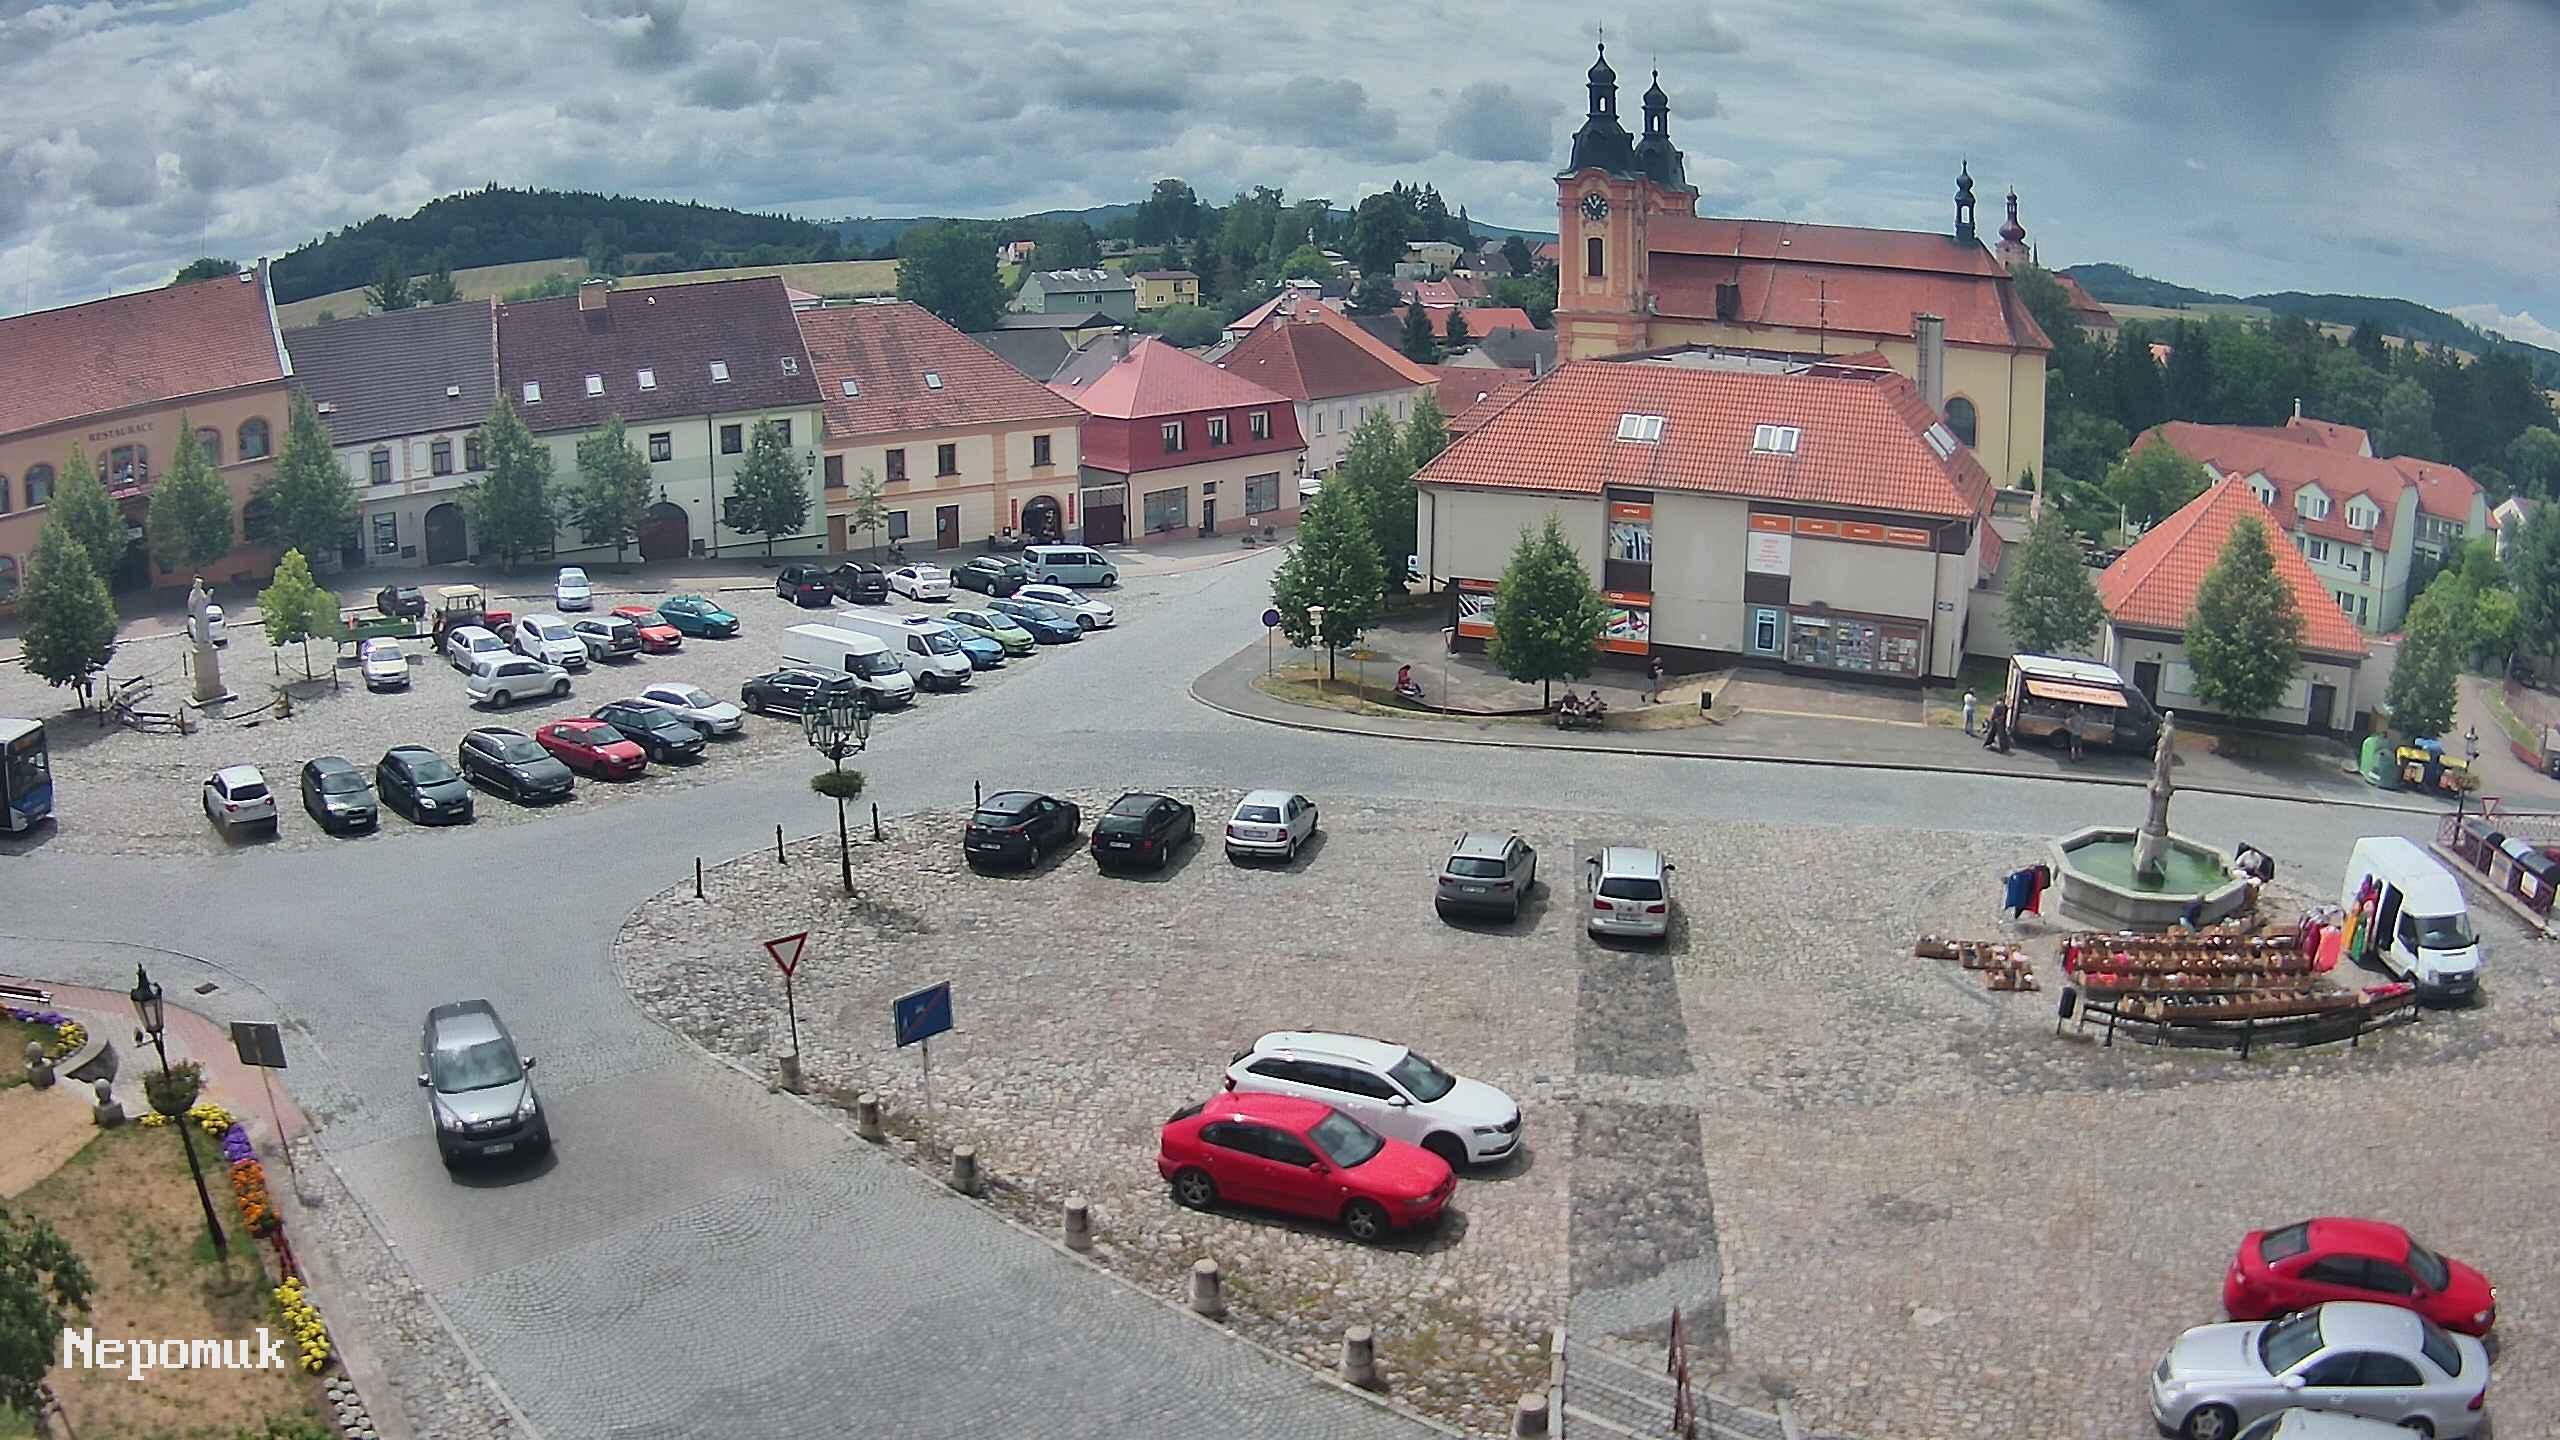 Webkamera města Nepomuk - pohled na náměstí Augustina Němejce